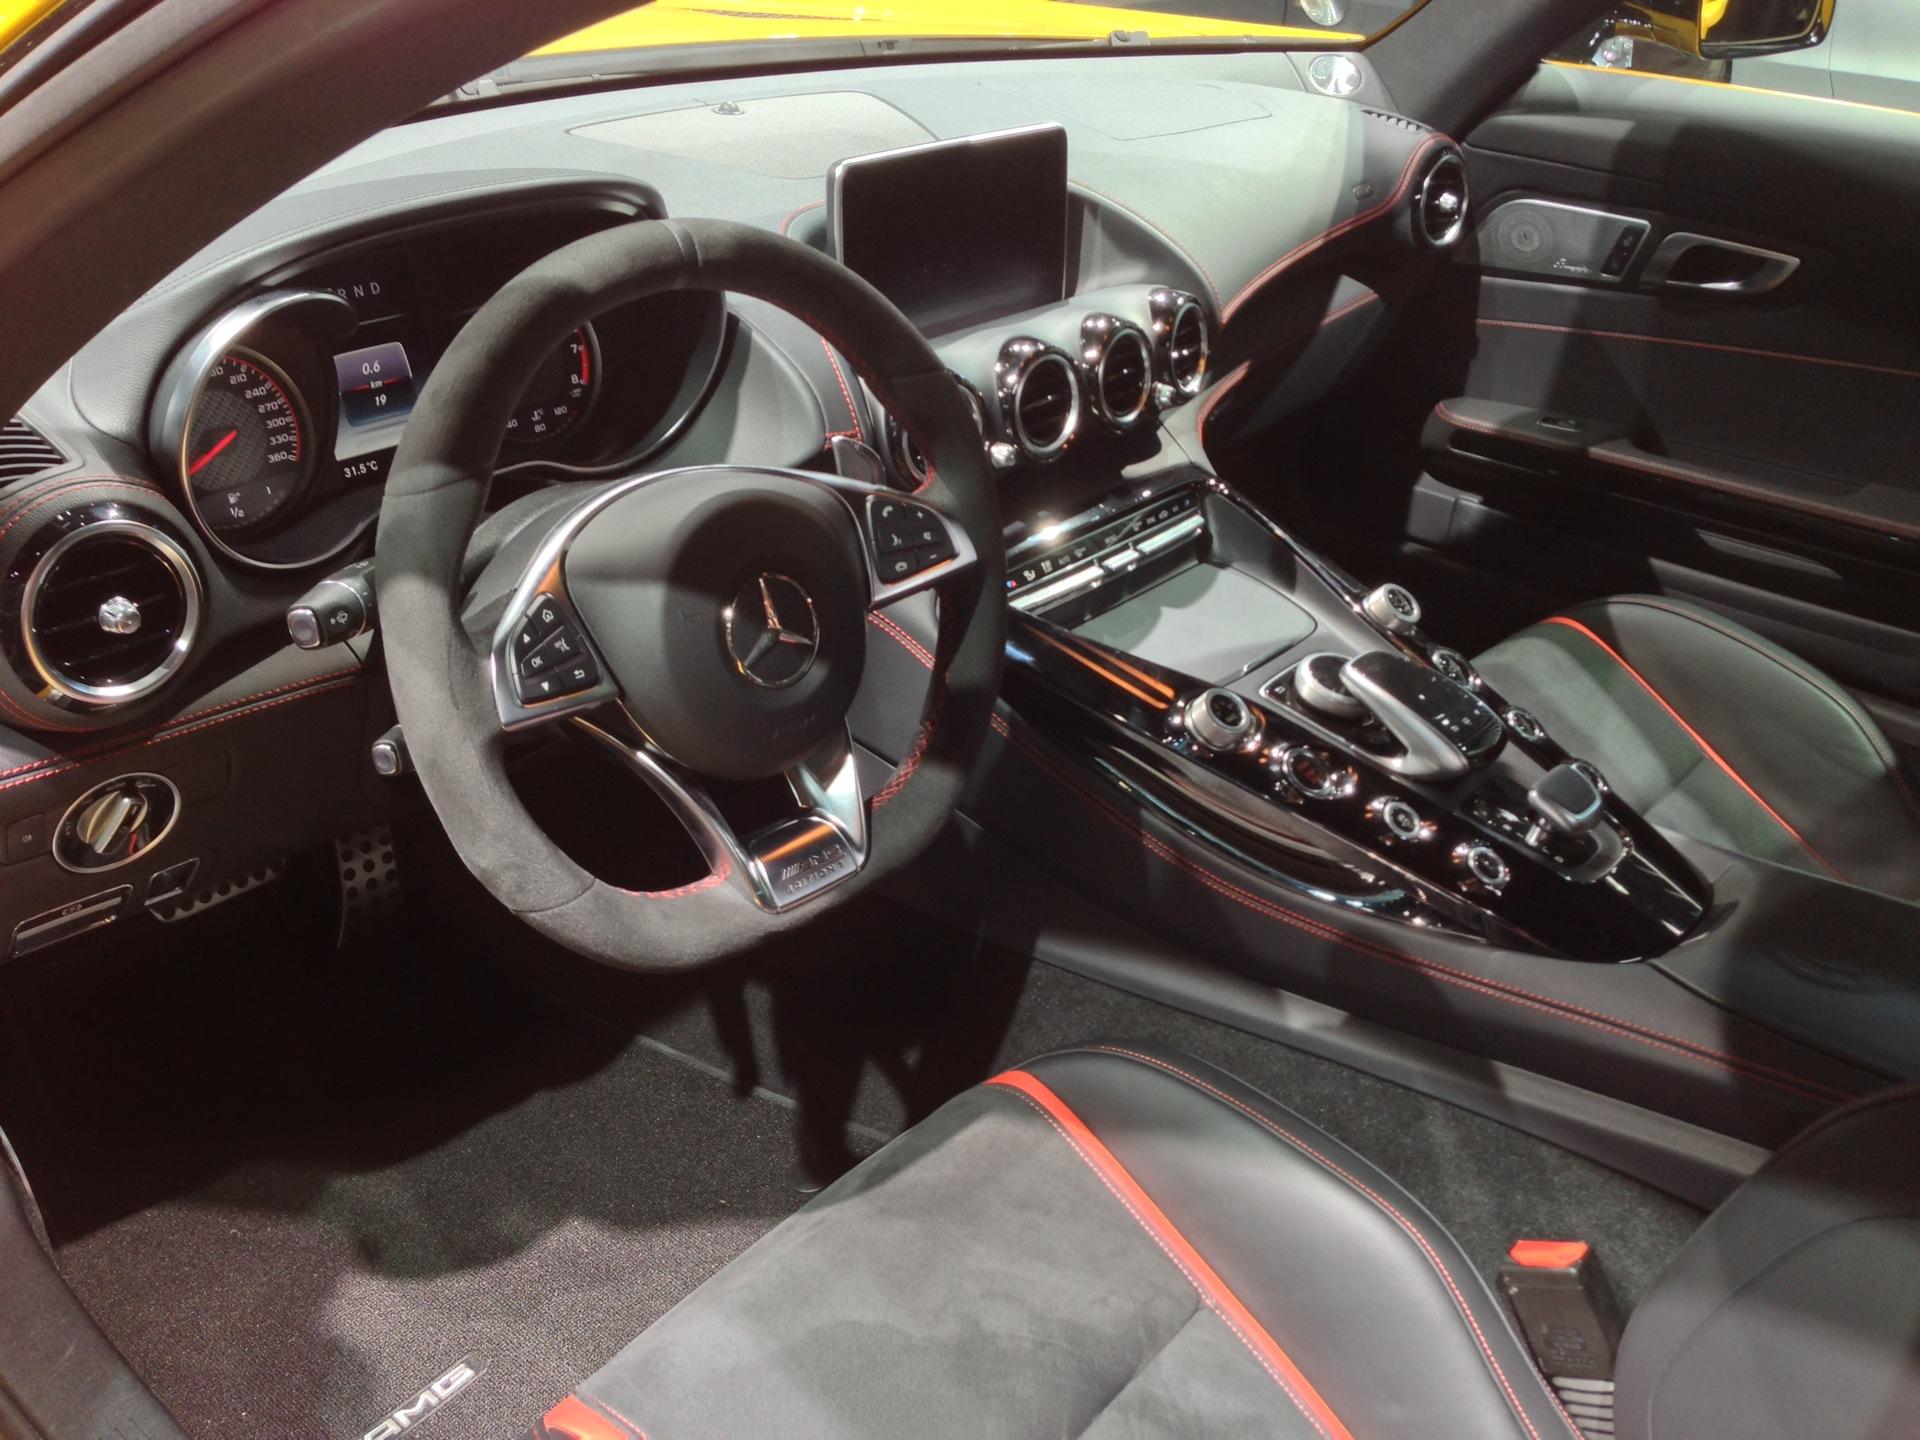 2015 Mercedes Amg C63 And C63s Emercedesbenz